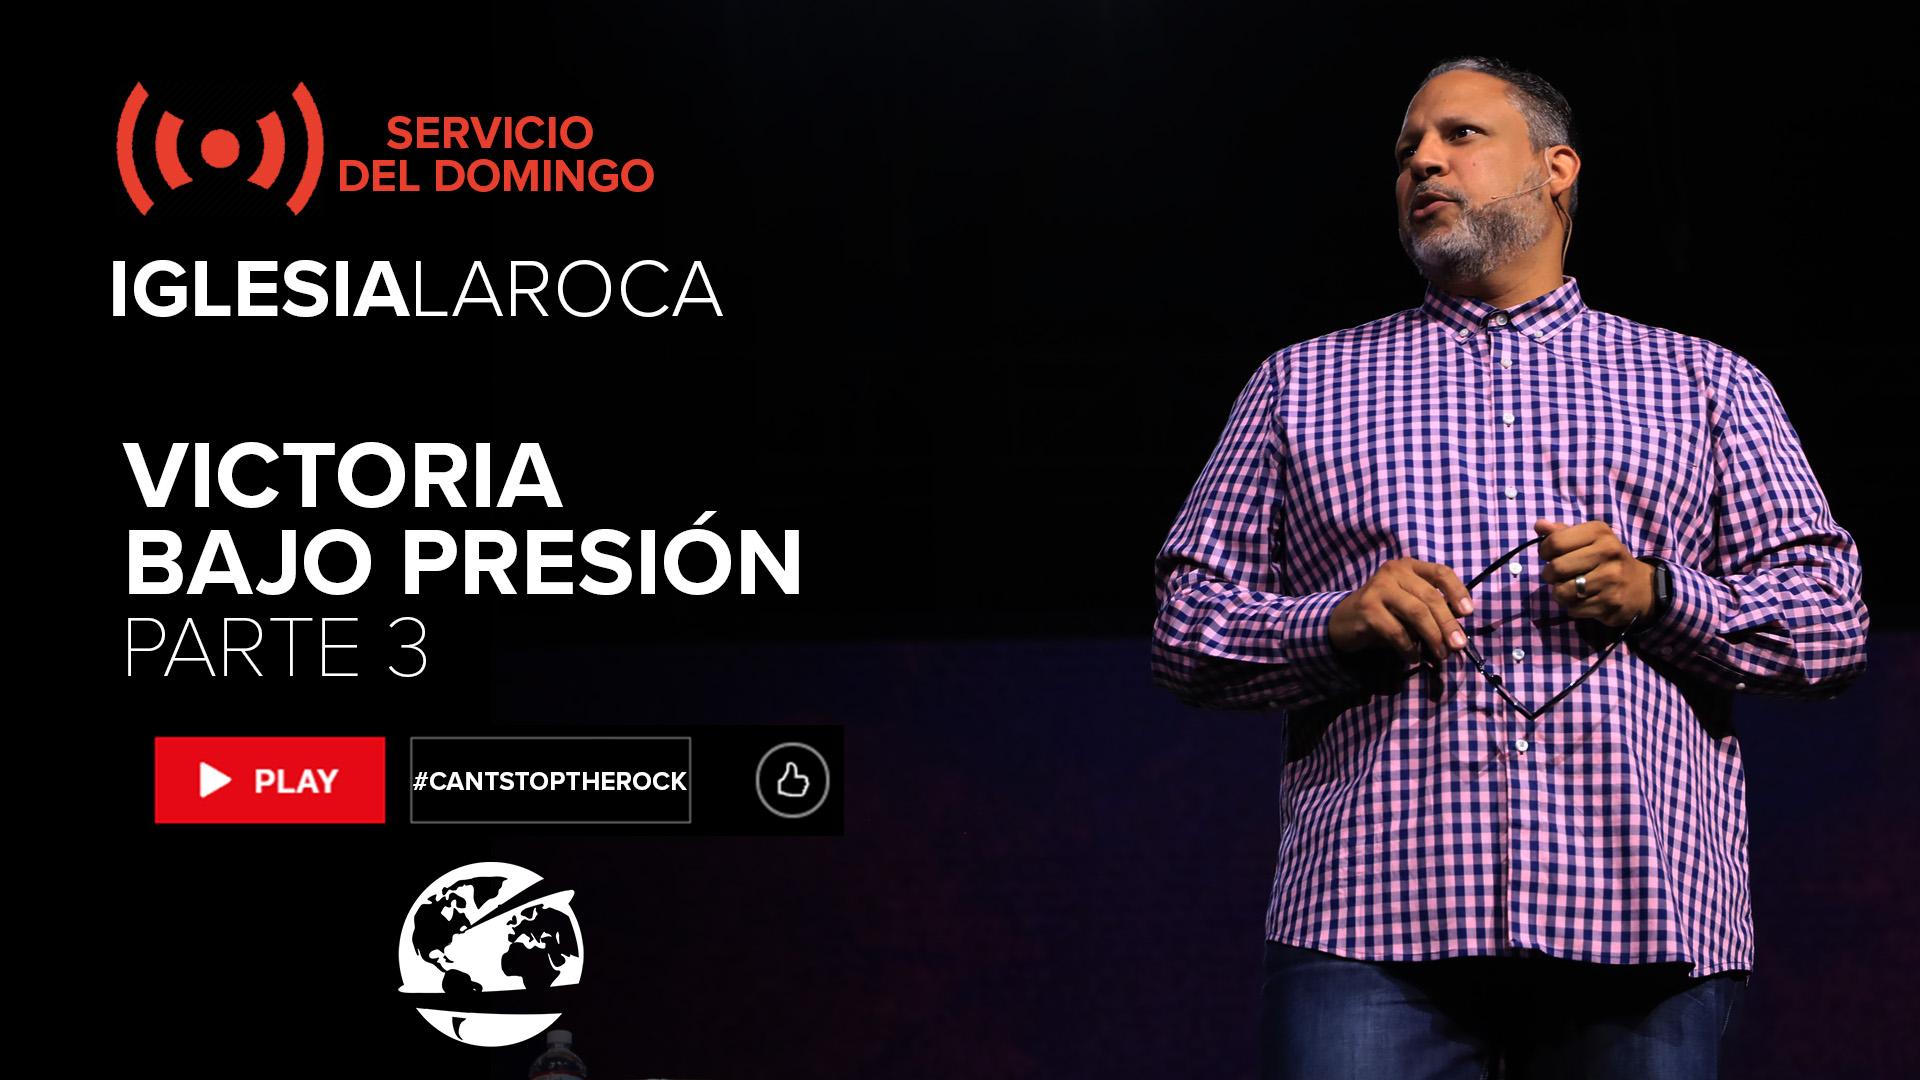 Watch Victoria Bajo Presión Pt. 3